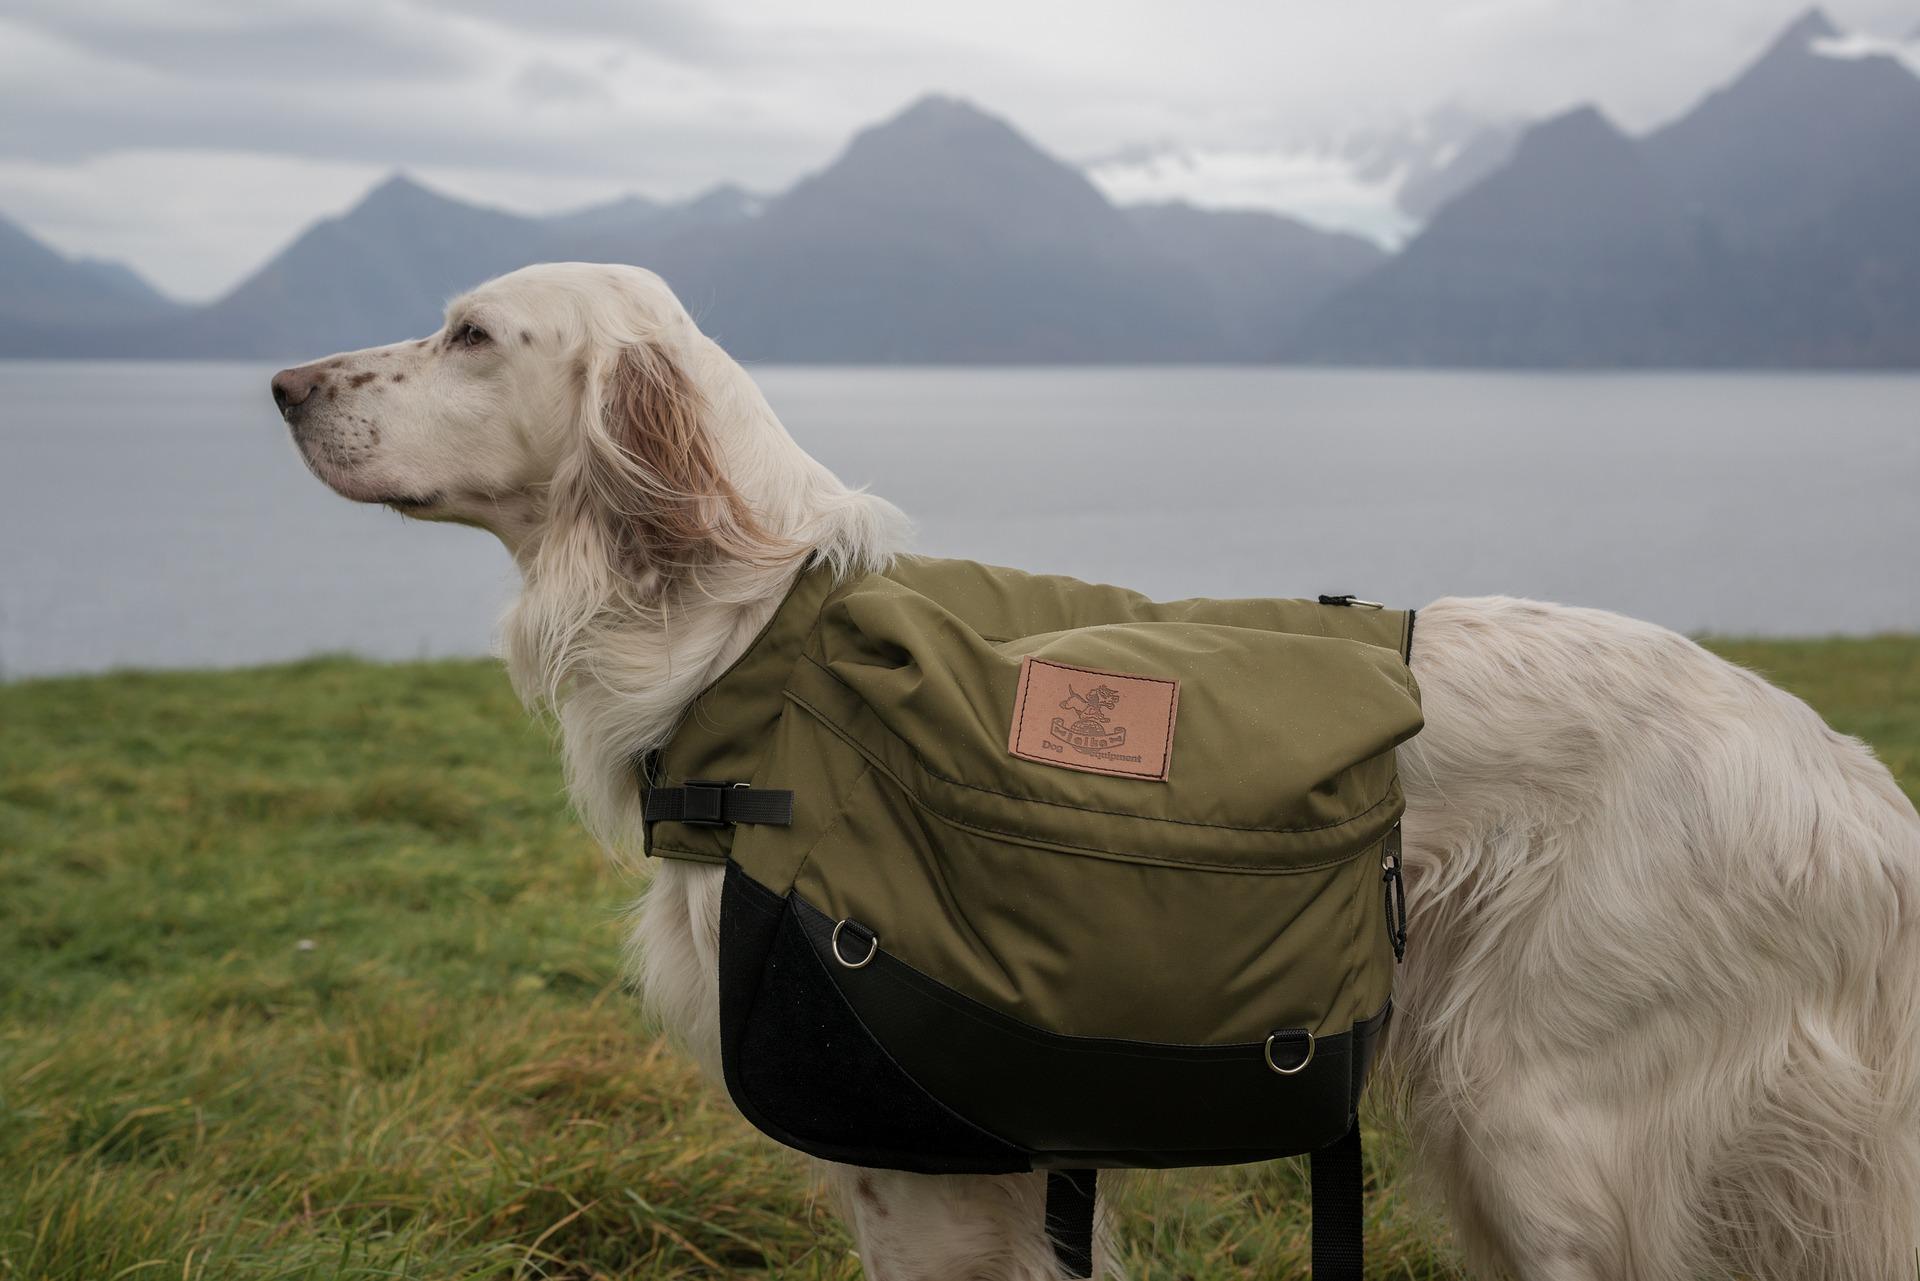 Le sac de bât pour chien sera utile pour les longues randonnées